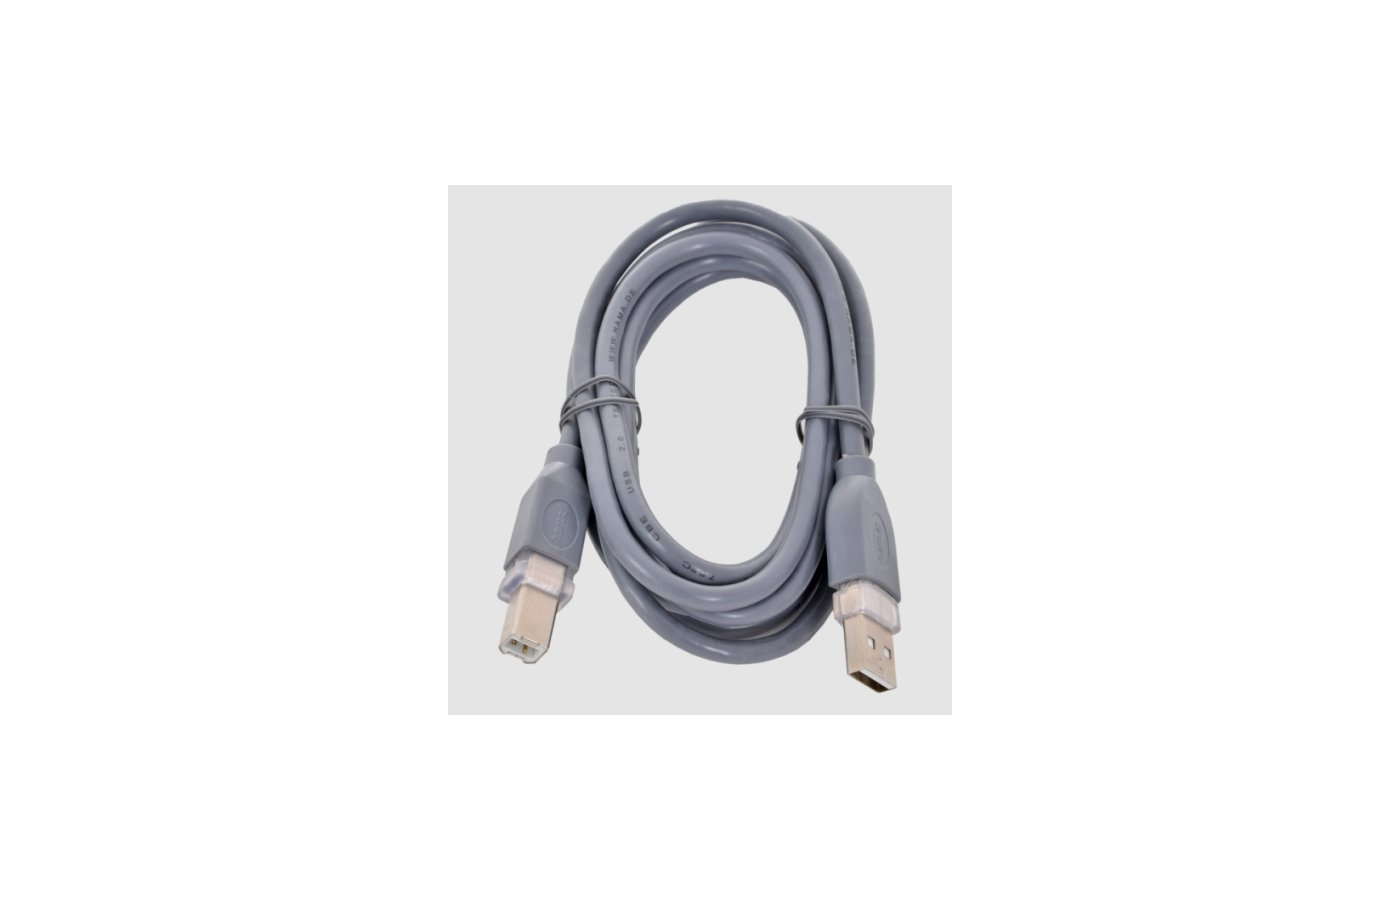 USB Кабель Hama H-45022 USB 2.0 A(m) - В(m) 3м 1зв серый